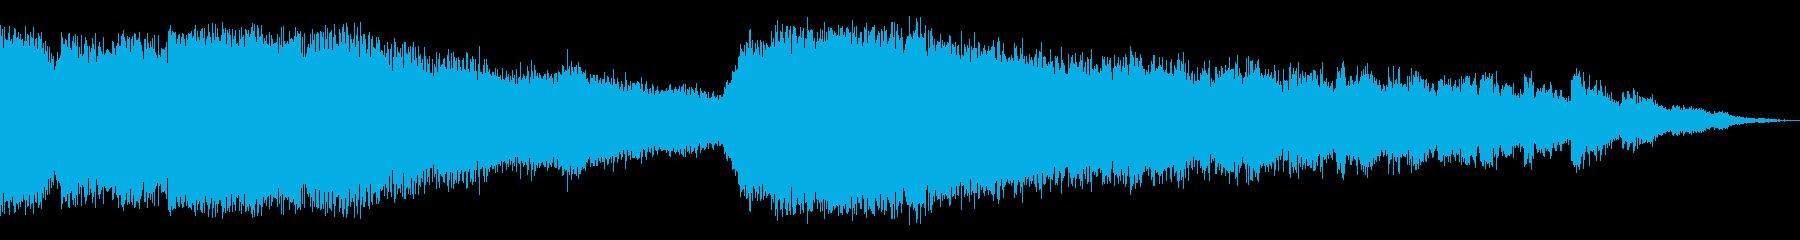 シアースペース2の再生済みの波形